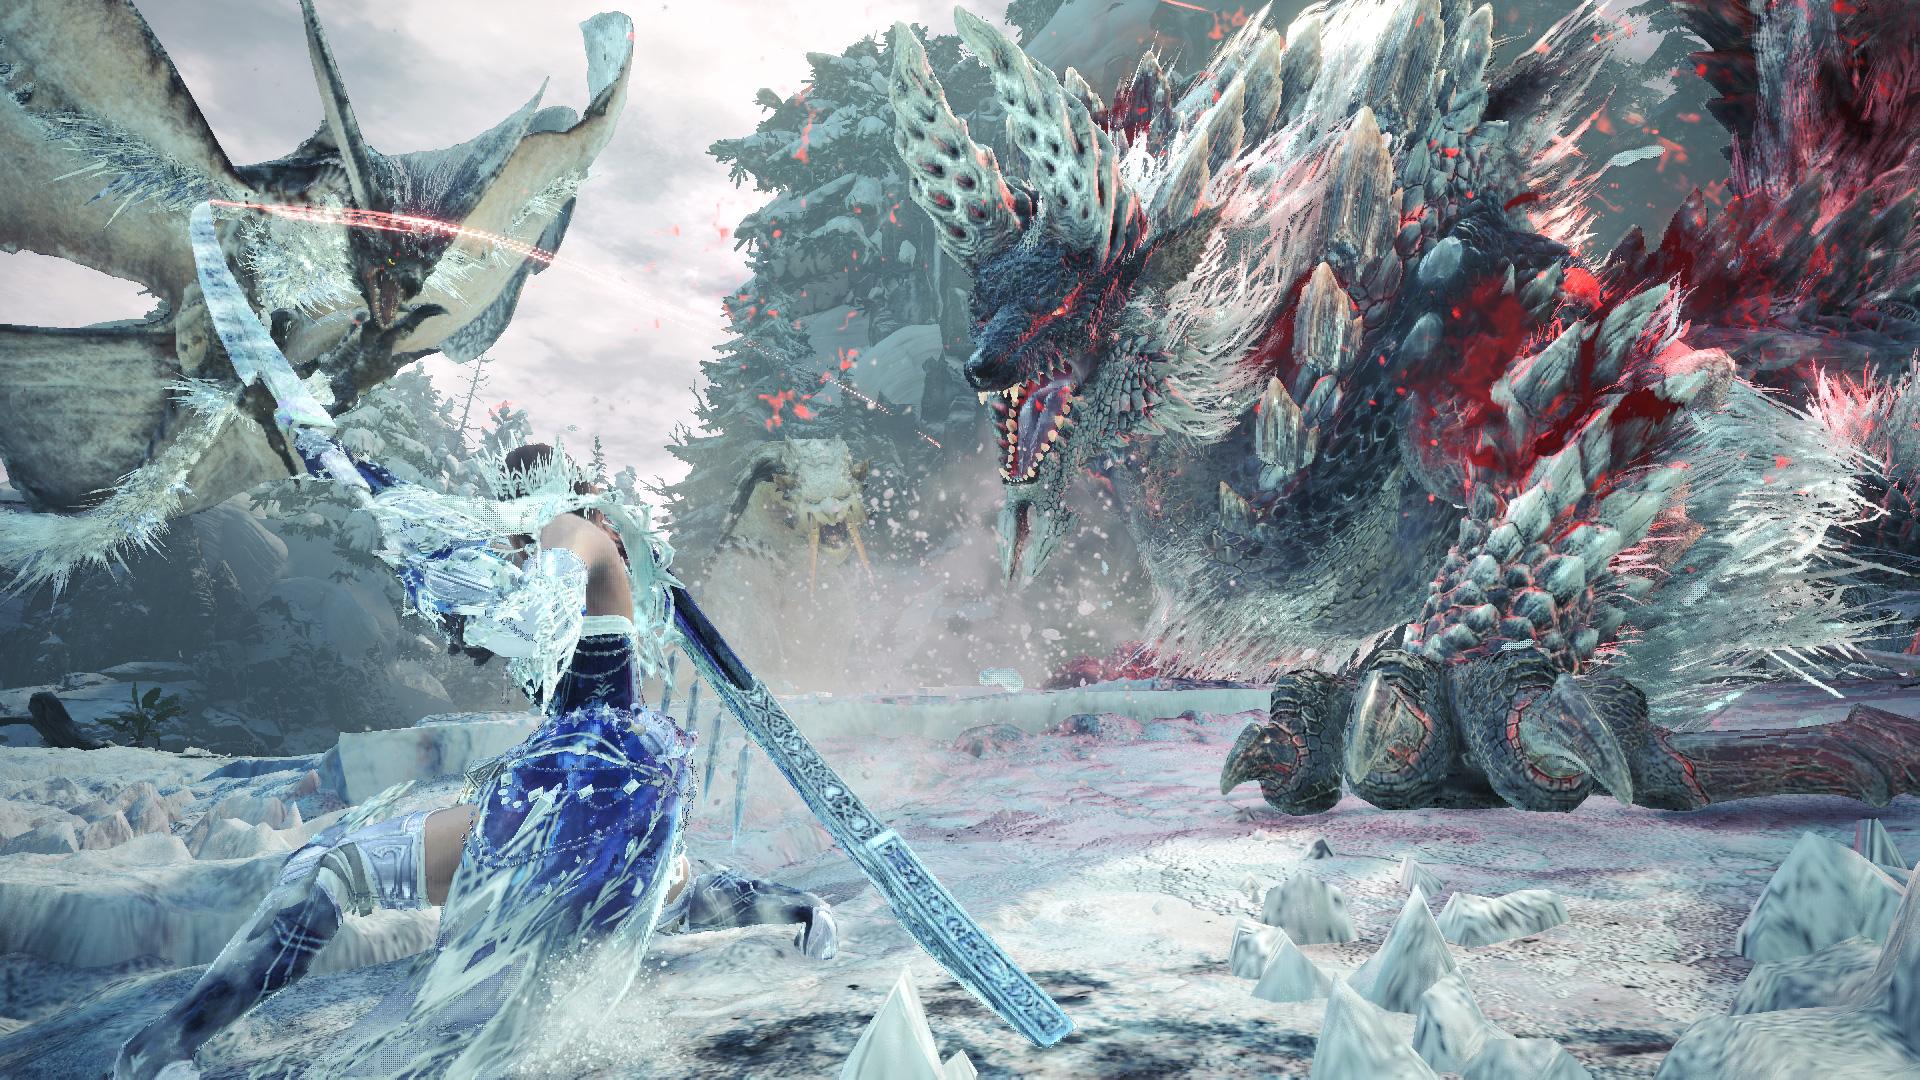 《怪物猎人世界:冰原》免费大型更新第4弹7月9日上线